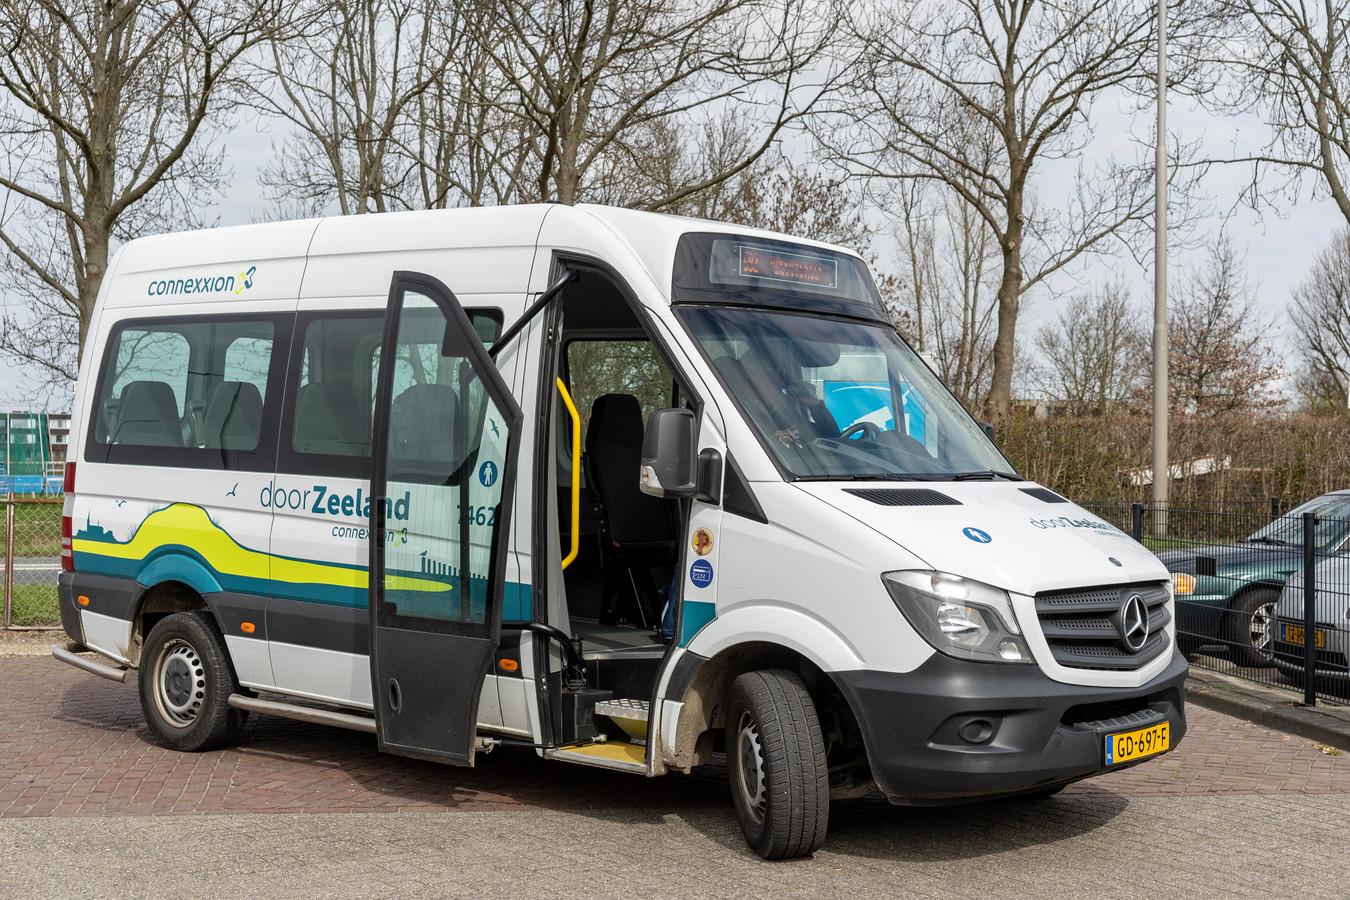 Zeeuwse buurtbus blijft voorlopig nog op stal, provincie biedt abonnementshouders sinds deze week een gratis haltetaxi-service aan ter compensatie.